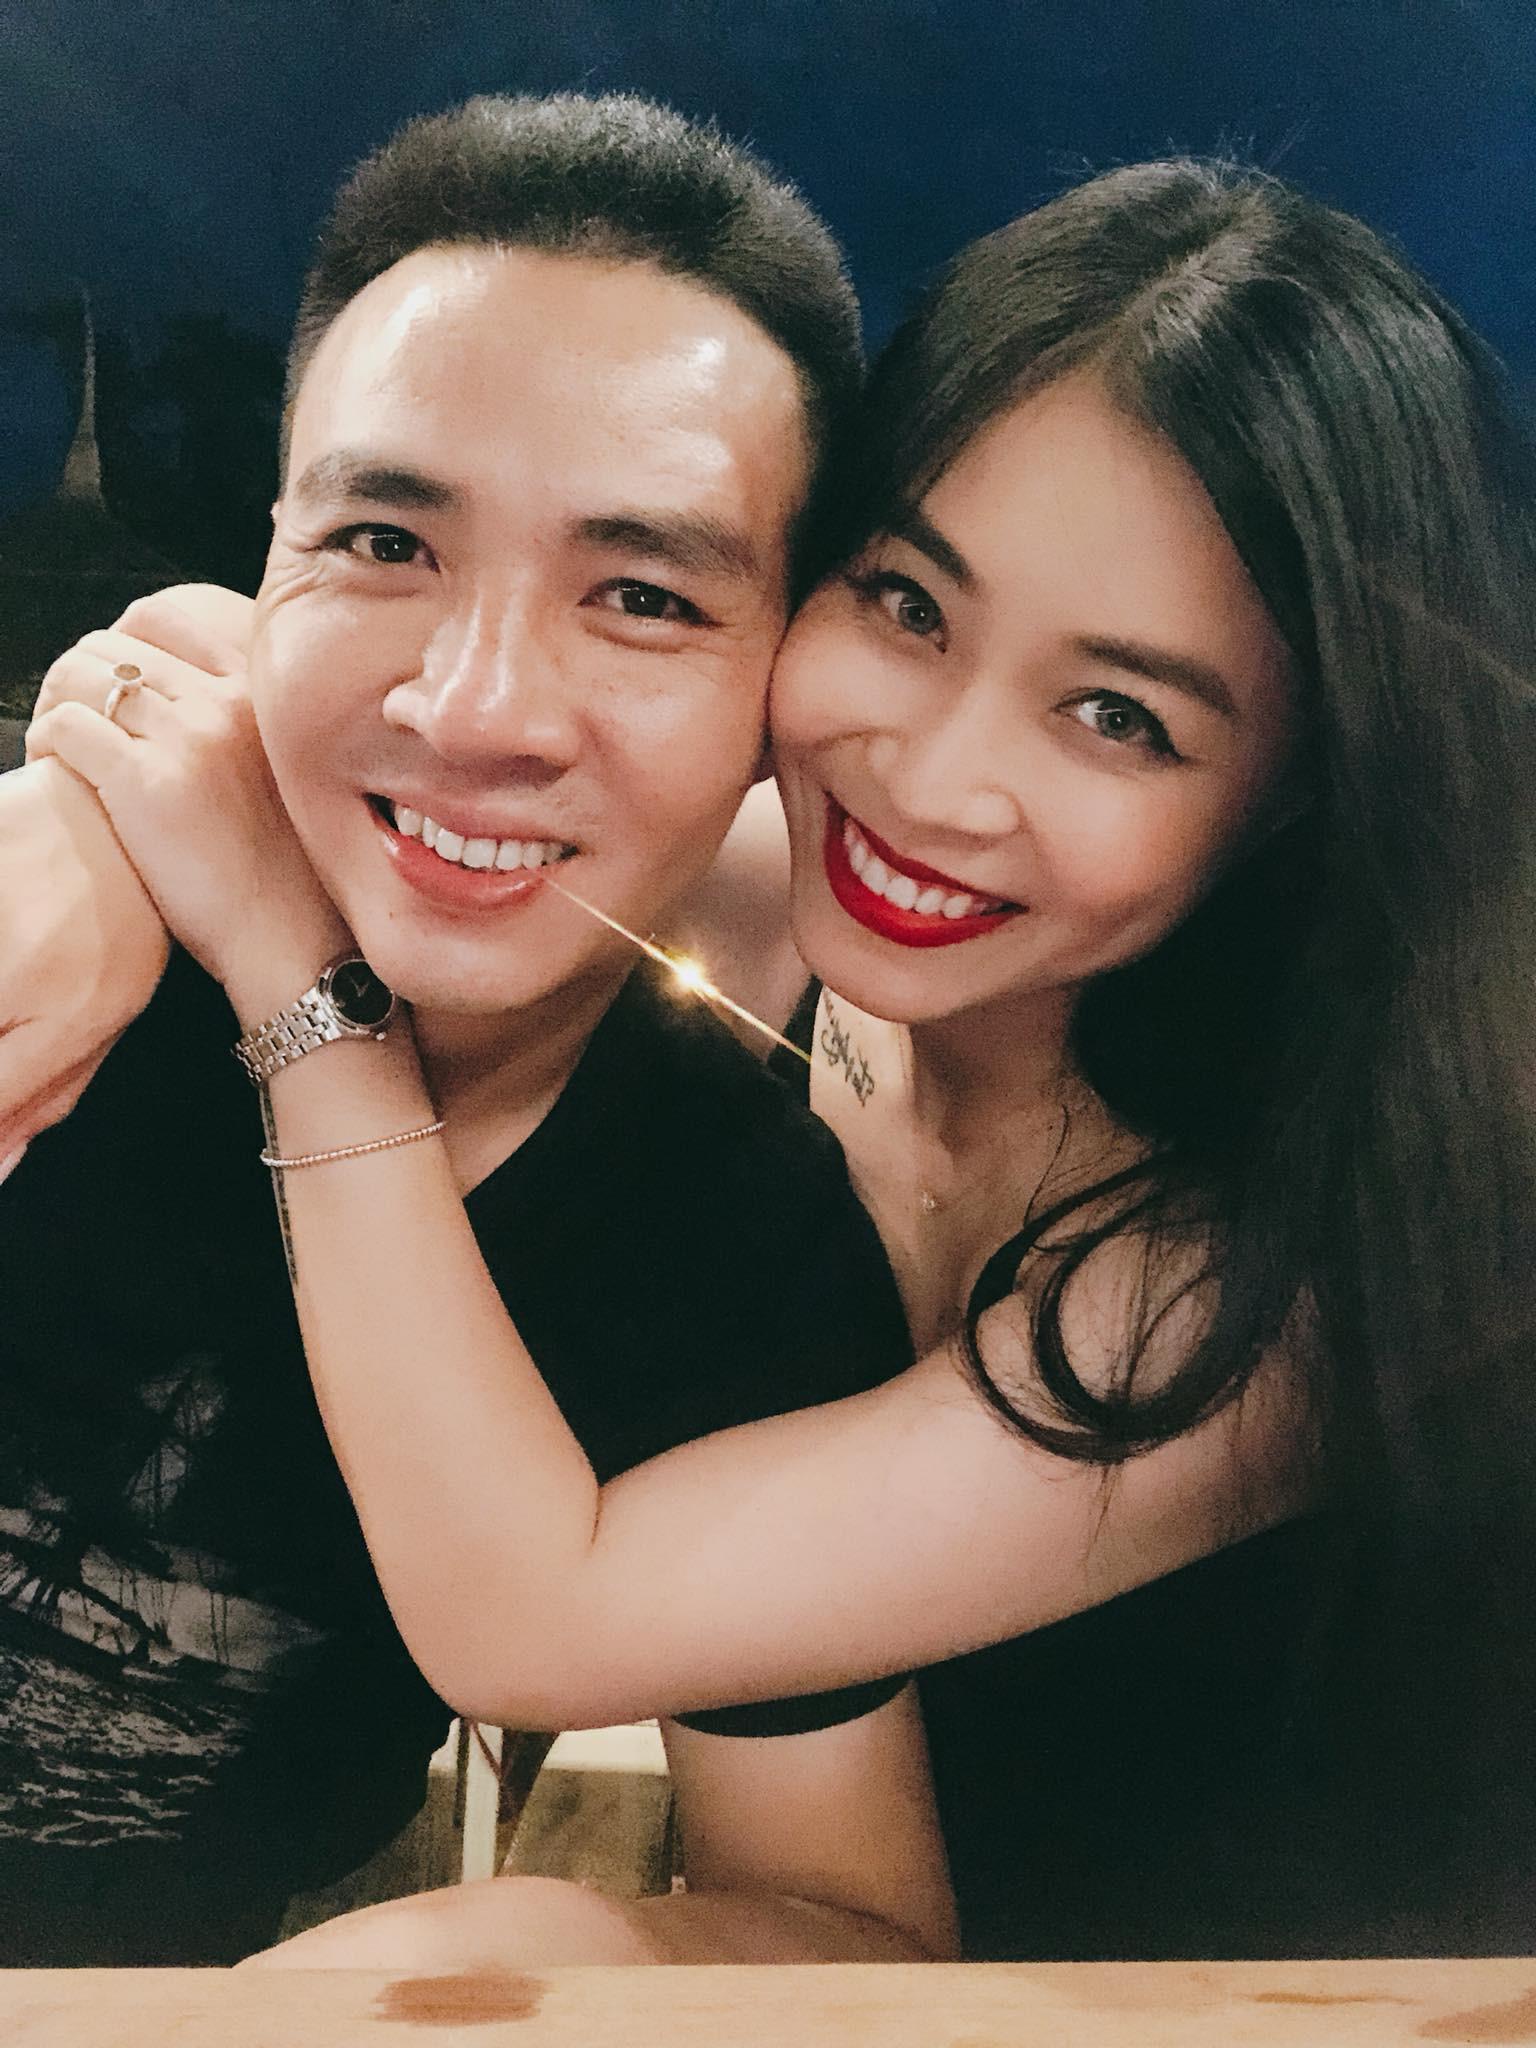 MC Hoàng Linh đăng status đầy ẩn ý, kèm theo động thái lạ sau lùm xùm tuyên bố chọn nhầm hai đời chồng-5